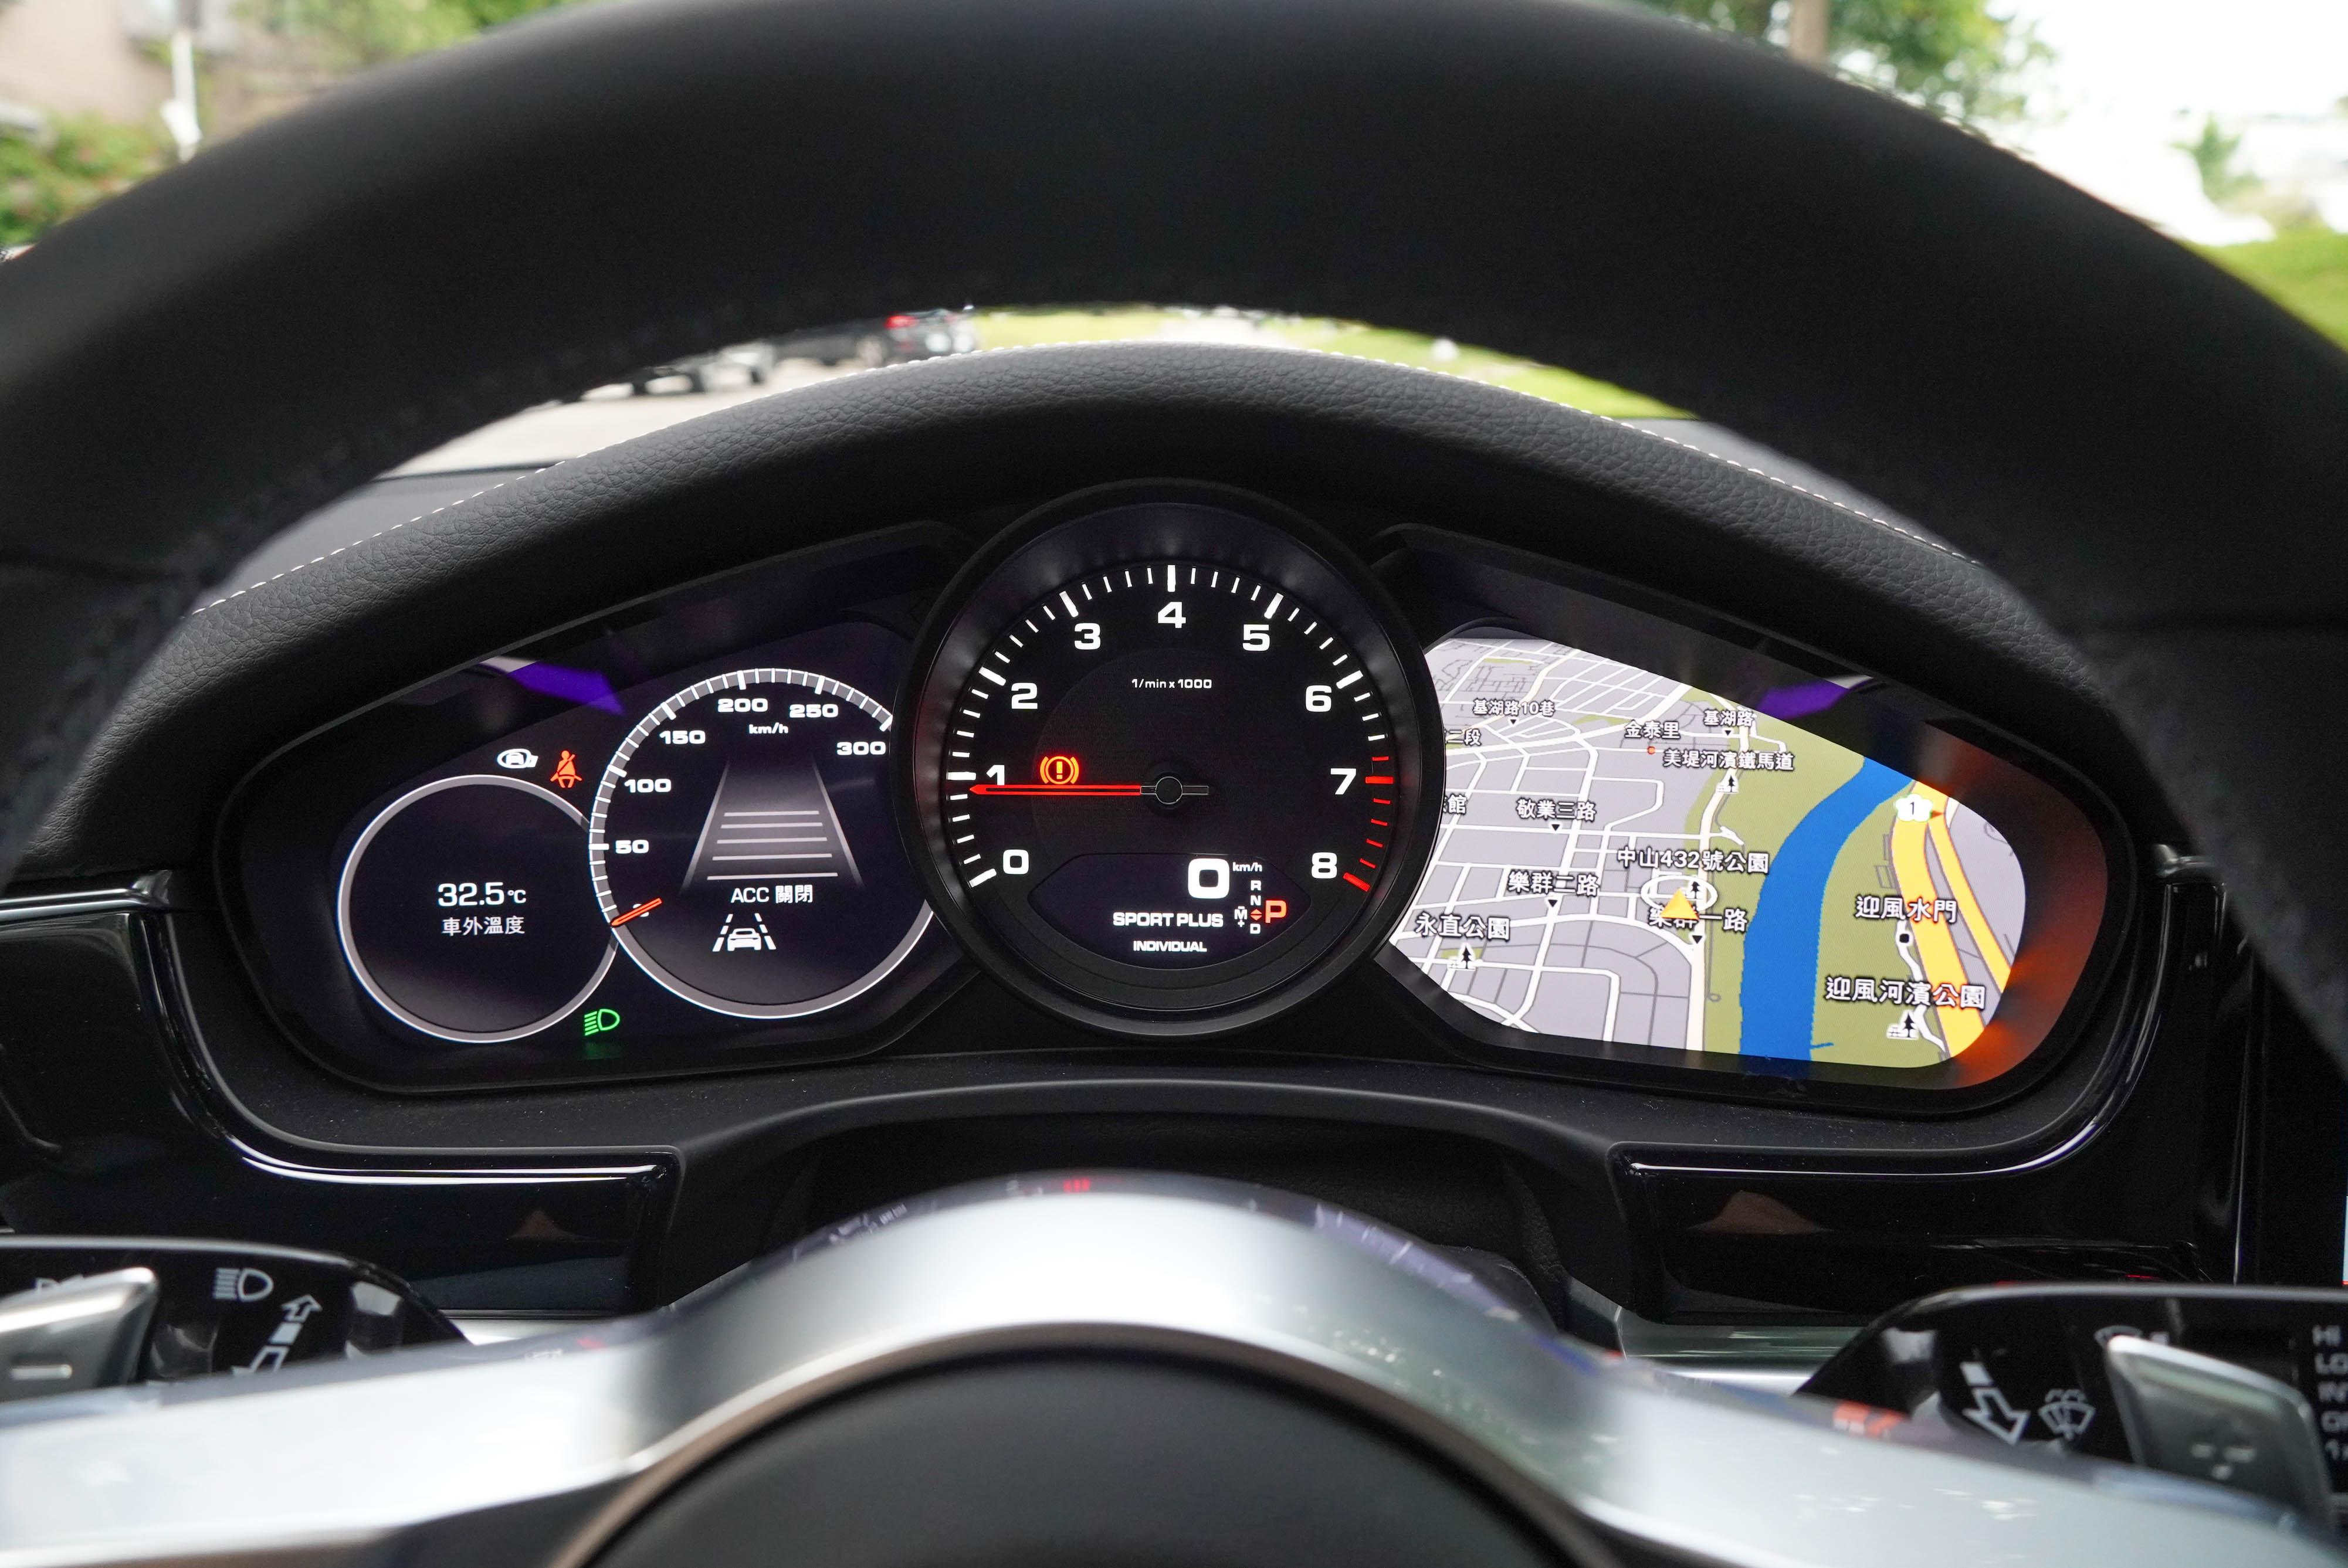 儀表保留中置類比式引擎轉速錶,左右兩側各有一具高解析度顯示幕,可分別顯示導航圖資、跟車系統等多種訊息。